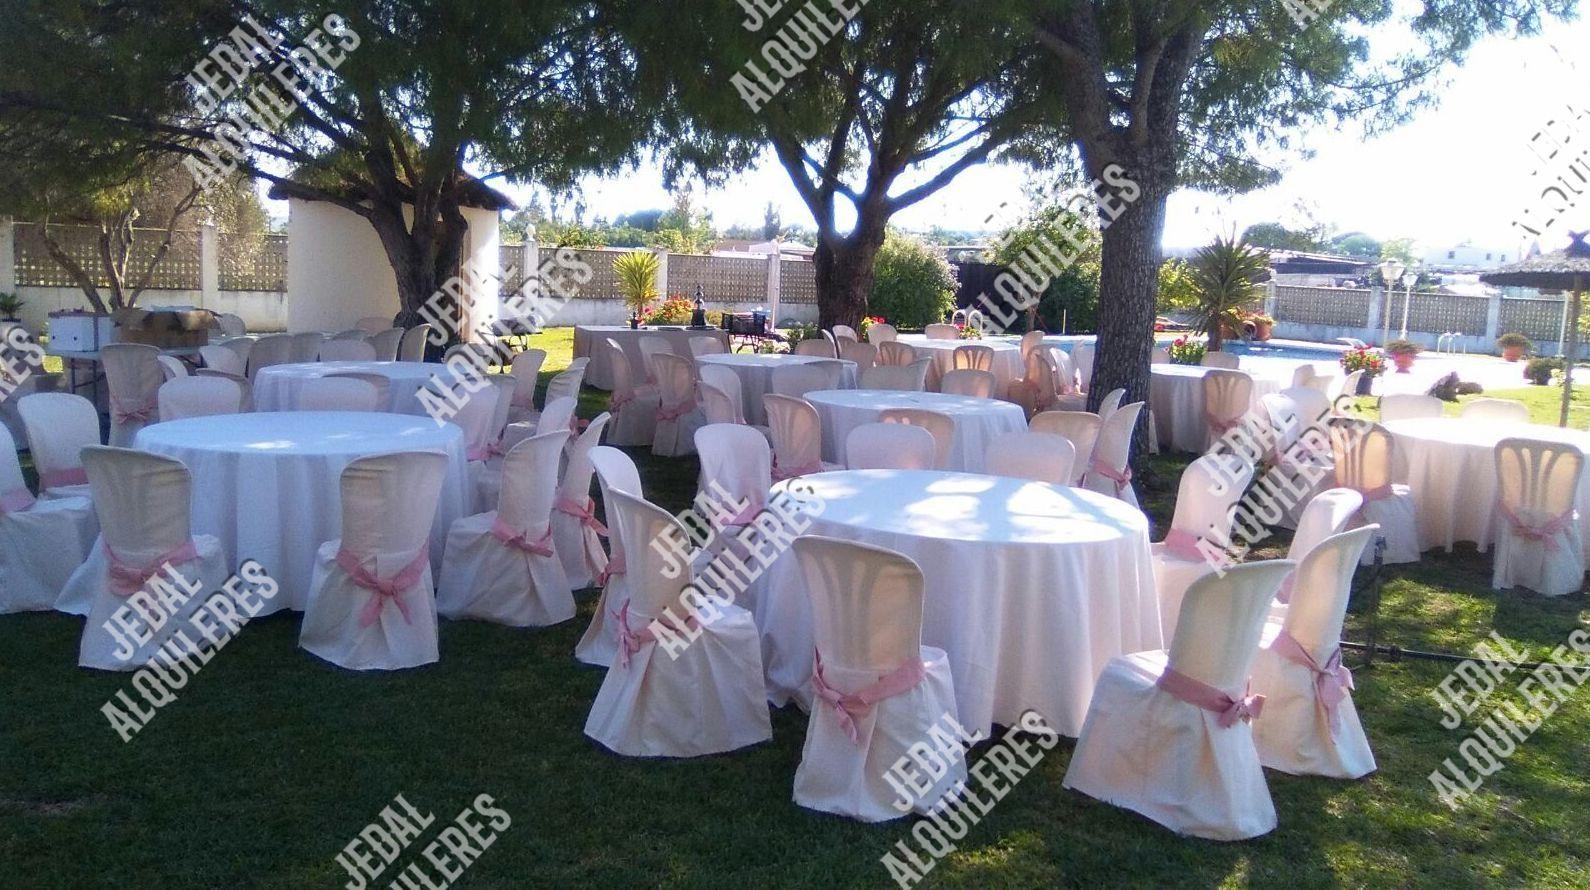 Alquileres de sillas y mesas para bodas en Jerez de la Frontera